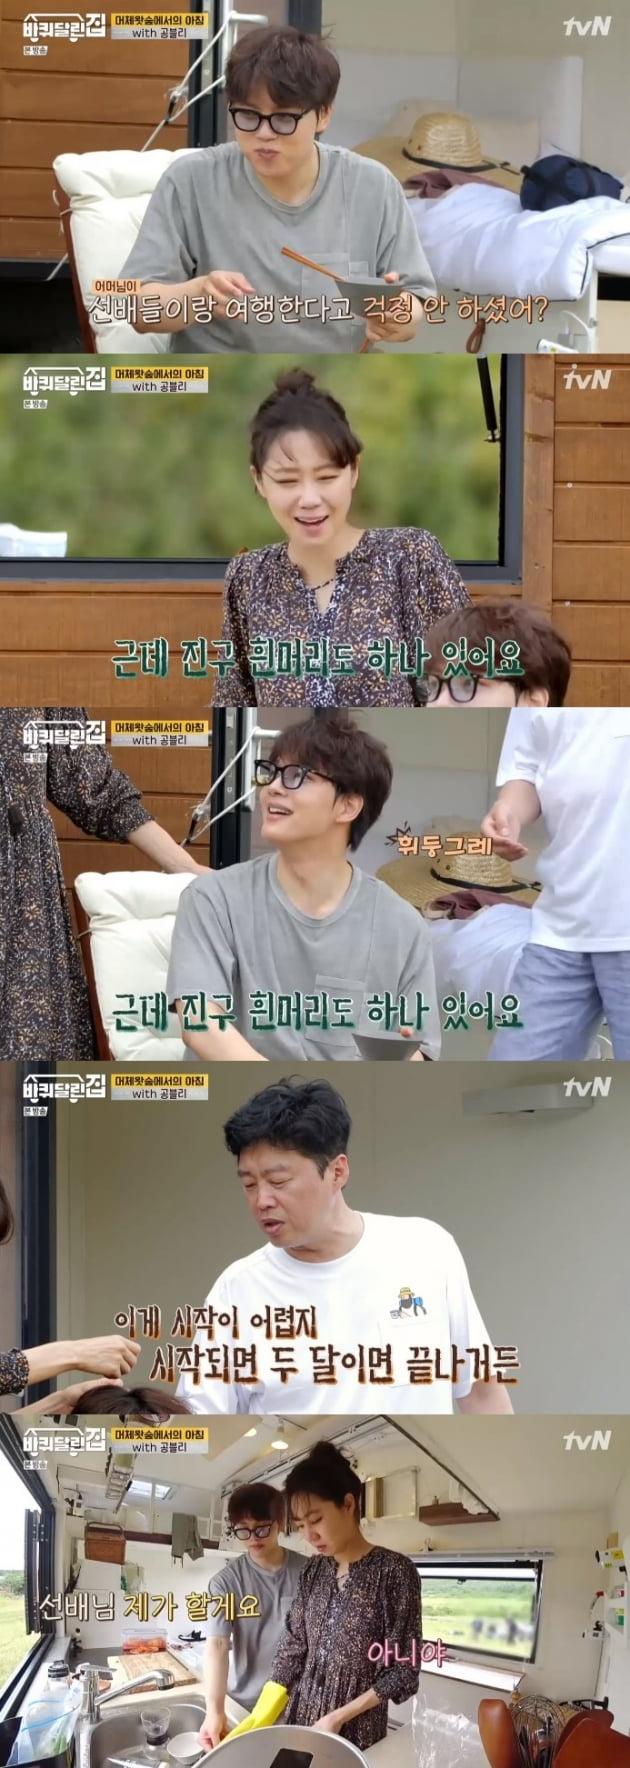 '바퀴 달린 집' 공효진 여진구 / 사진 = tvN 영상 캡처